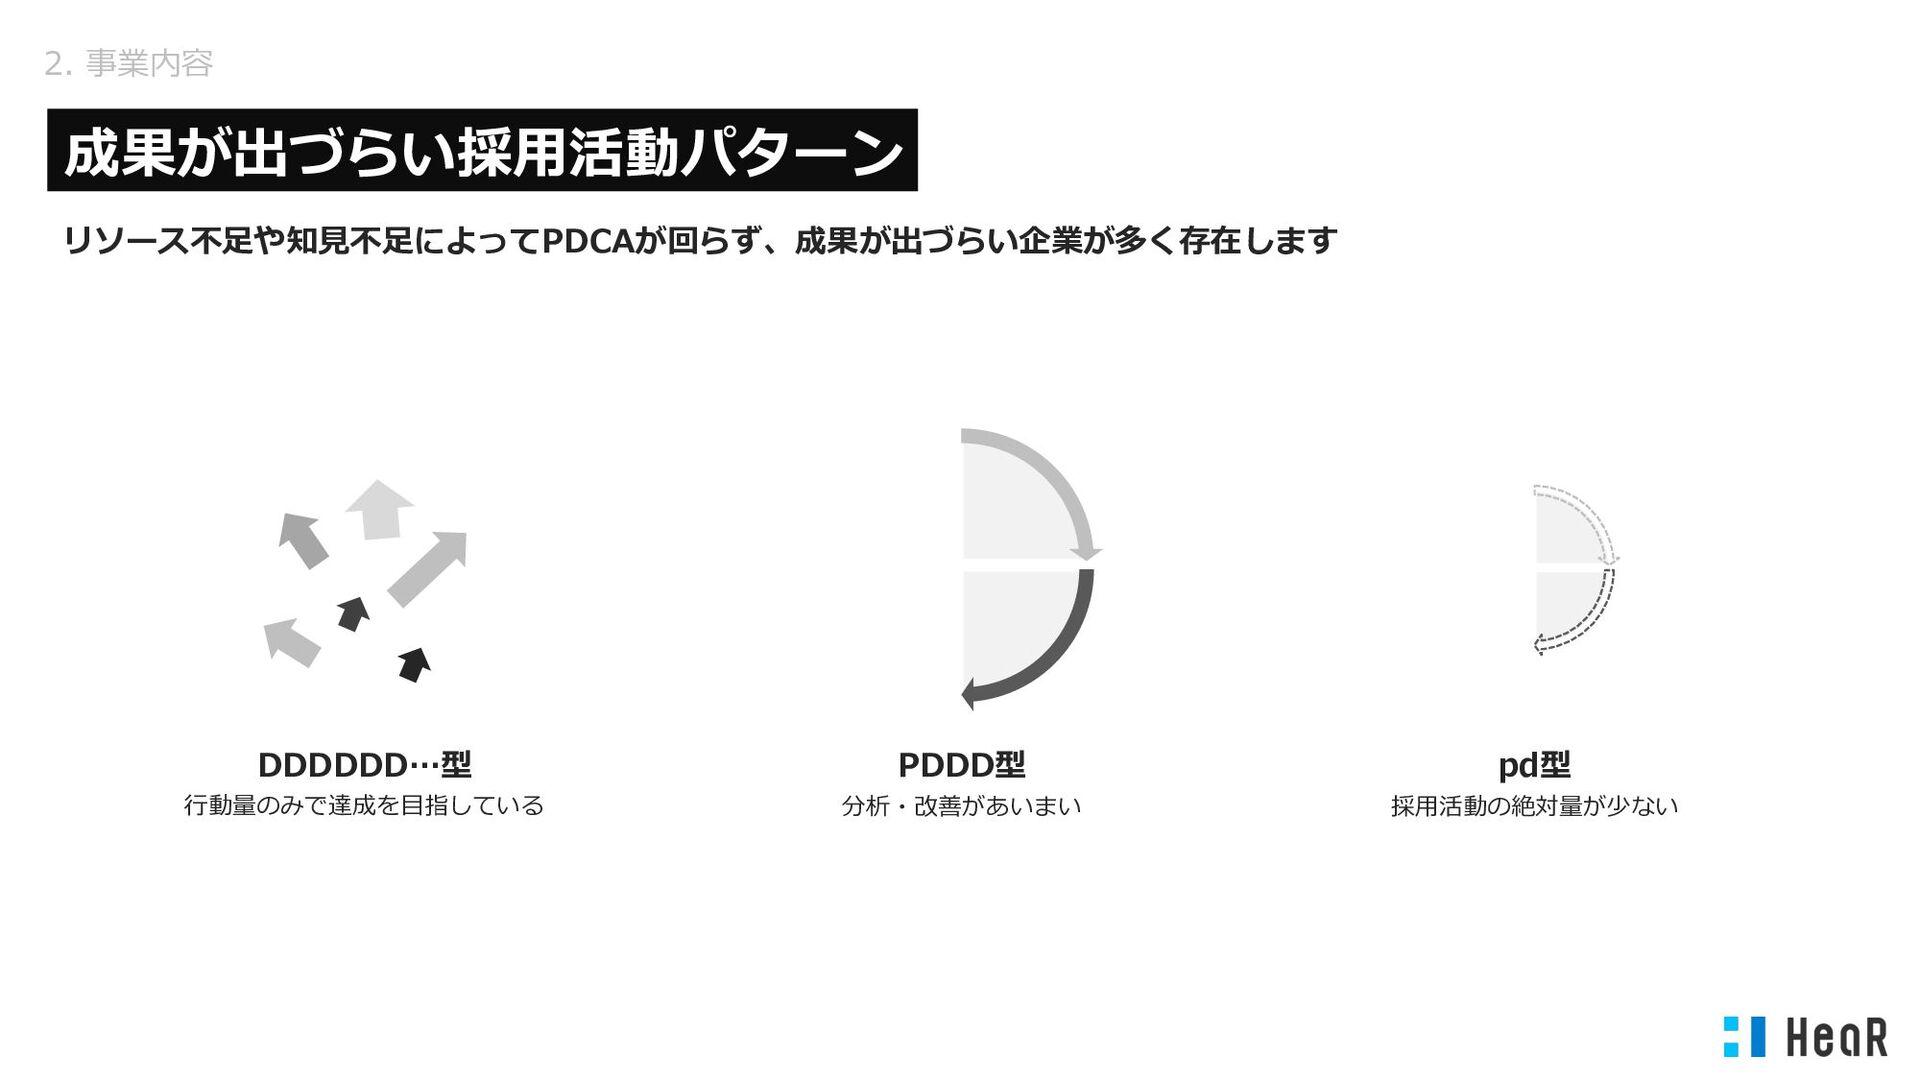 2. 事業紹介 - 採⽤DX 採⽤⼒向上のために「魅⼒の創出(EX)」まで⽀援 採⽤活動にプロ...